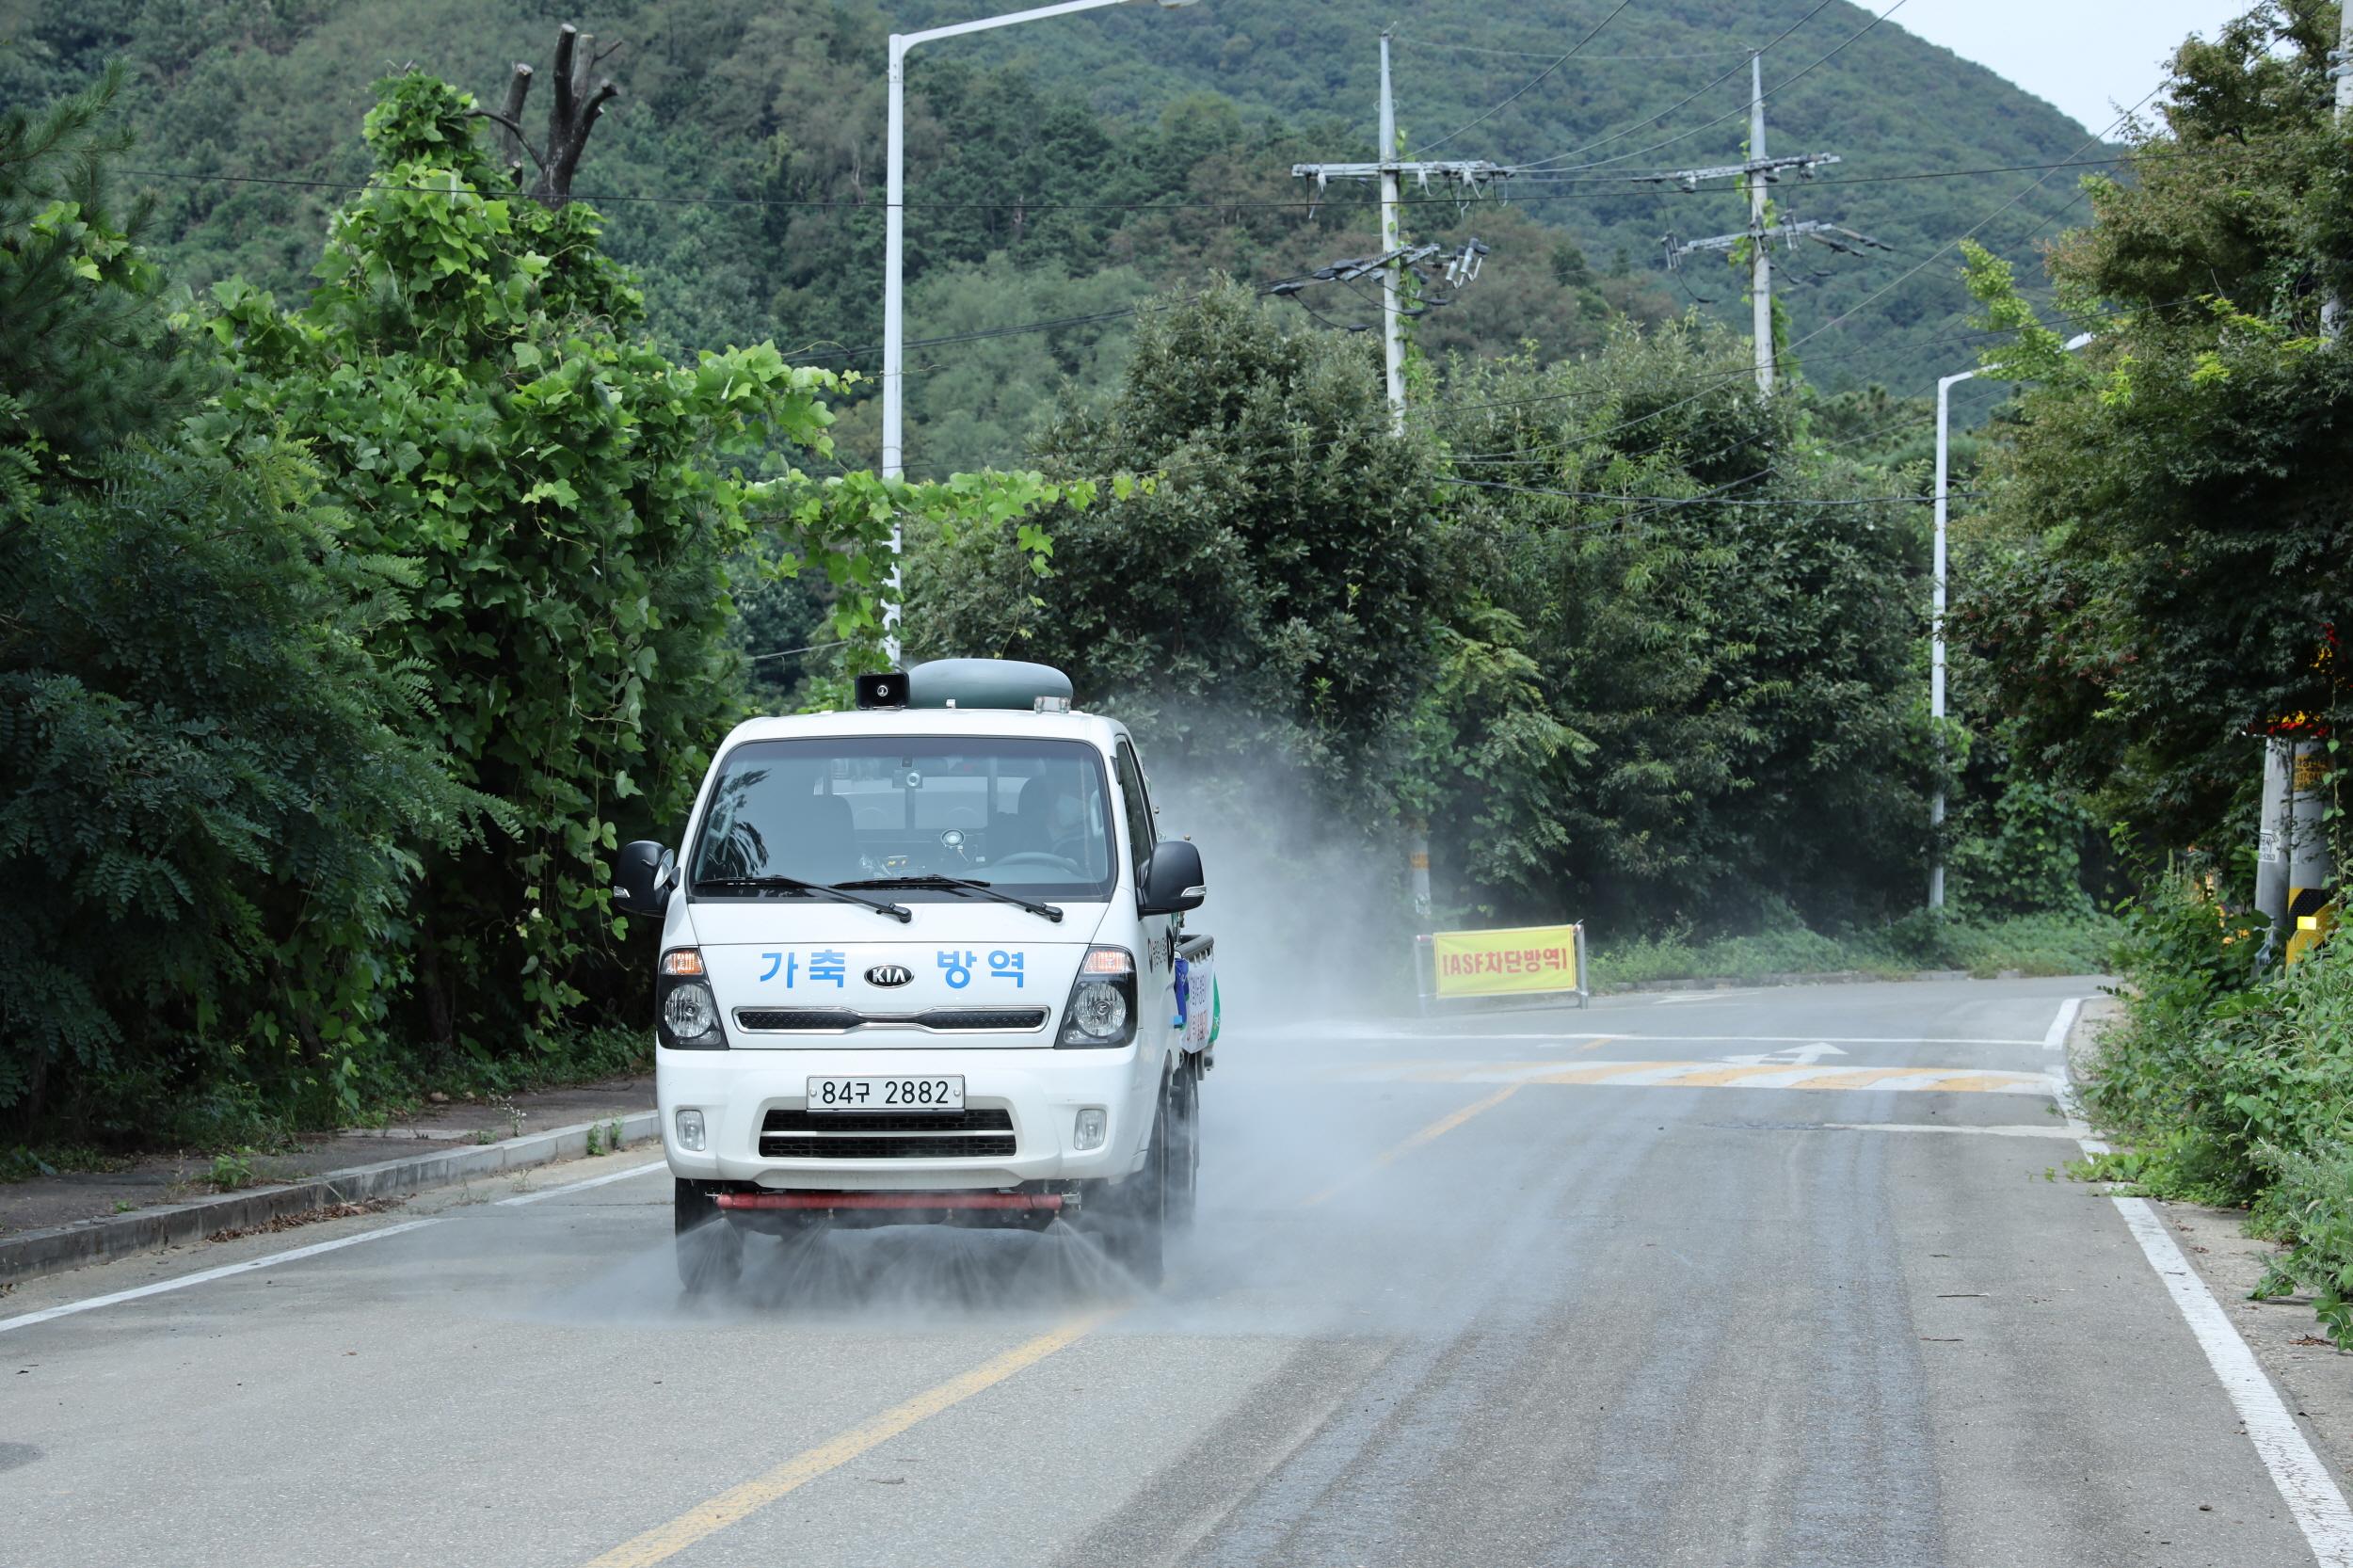 이천시는 활용 가능한 모든 소독지원 차량으로 이천시 전역을 빈틈없이 소독하고 있다 (1).JPG